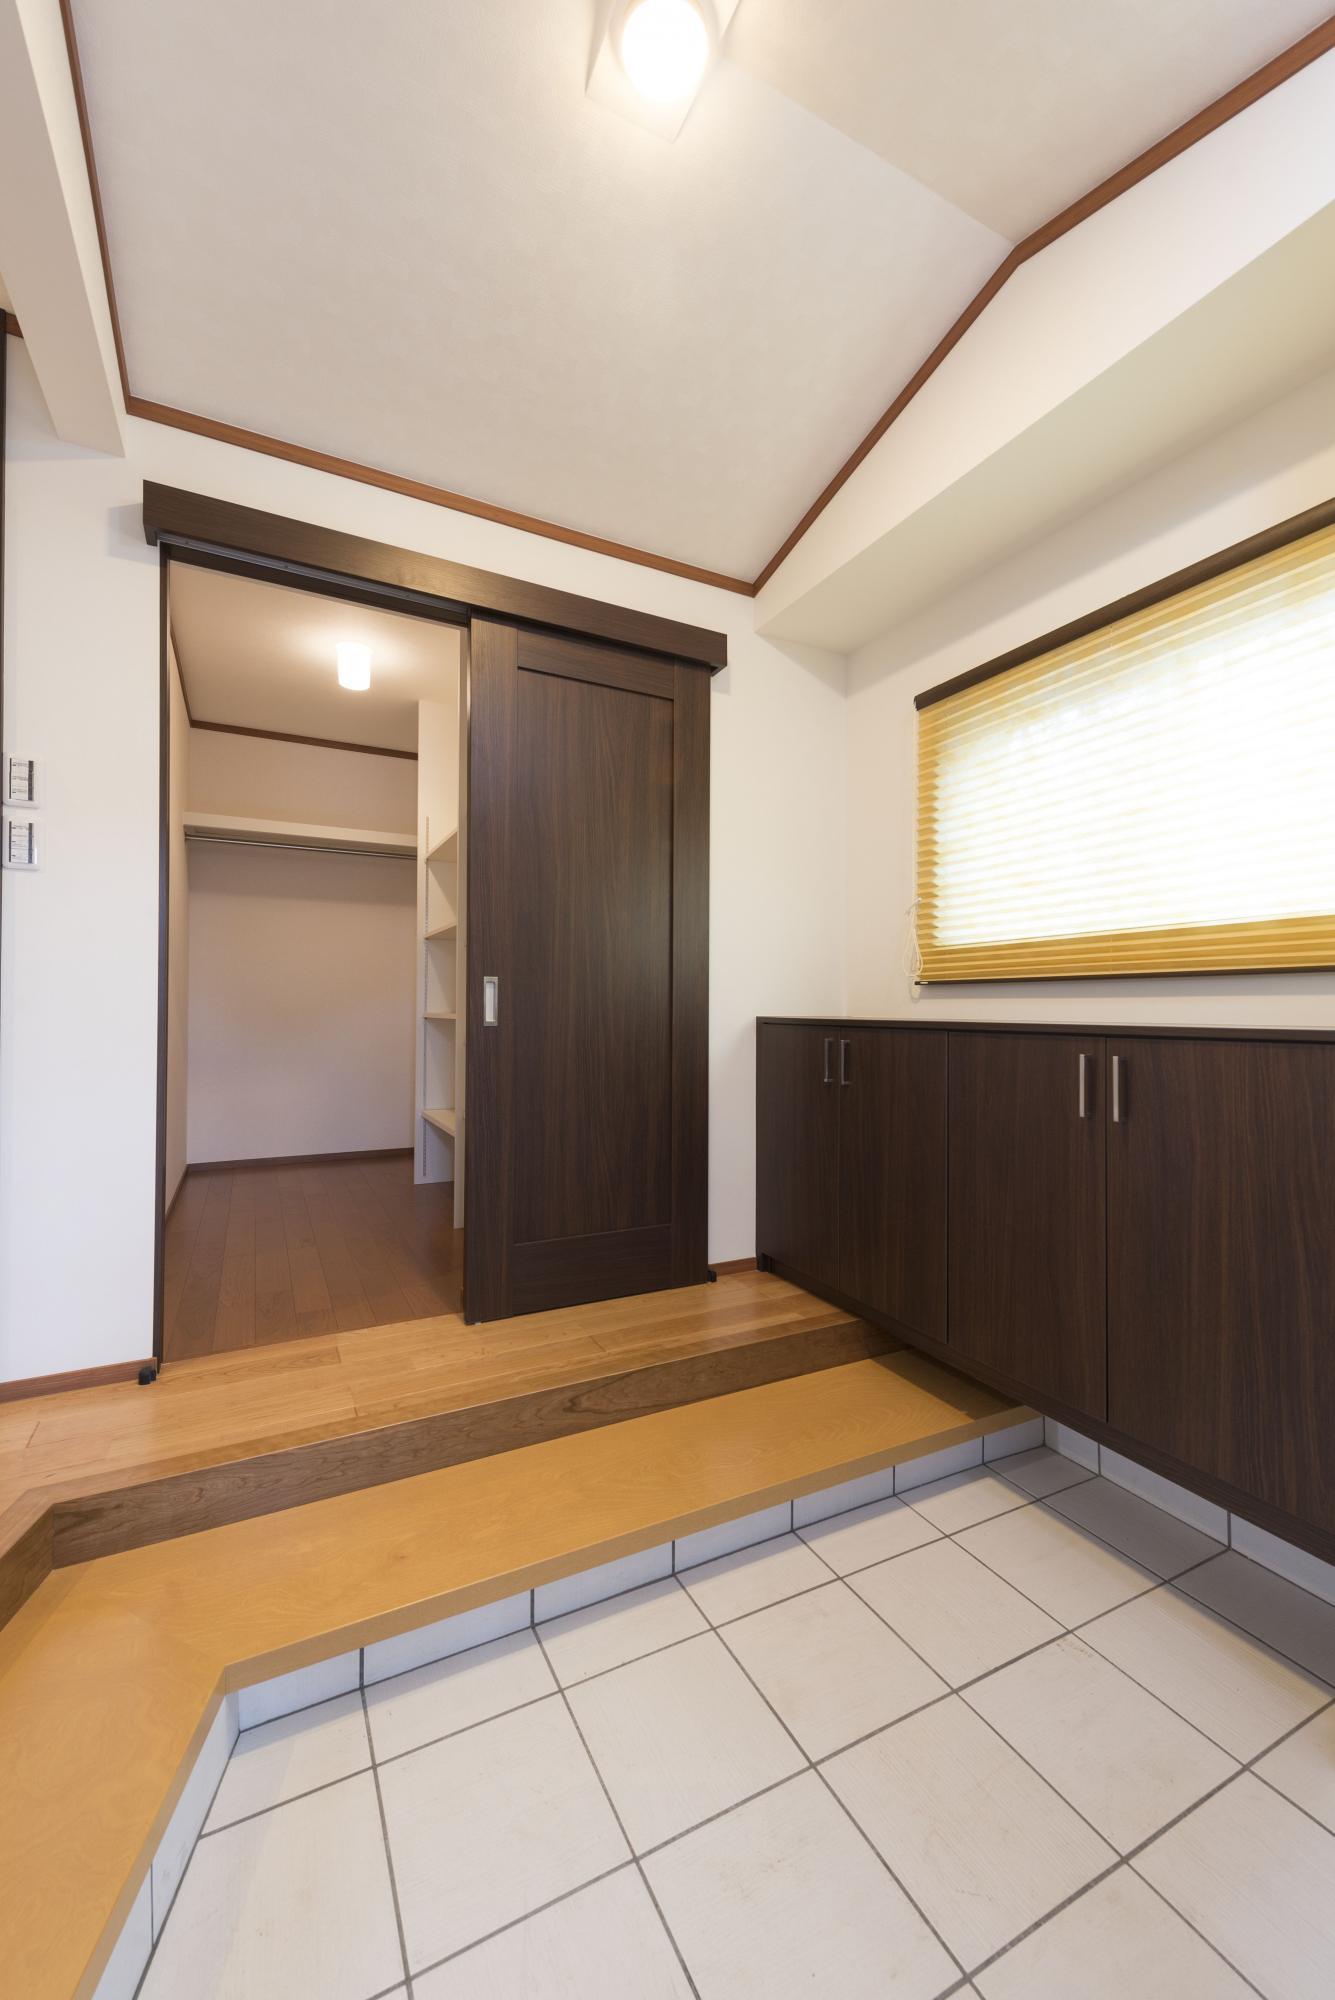 玄関の天井は和の雰囲気を出すために船底型に設計。 上がり框が高いため手前に式台を設け、上り下りが楽になるように配慮した。ご主人の希望で玄関の正面には大型のシューズクロークを配置し、コートを掛けたり、ベビーカーも置けてとても便利に。